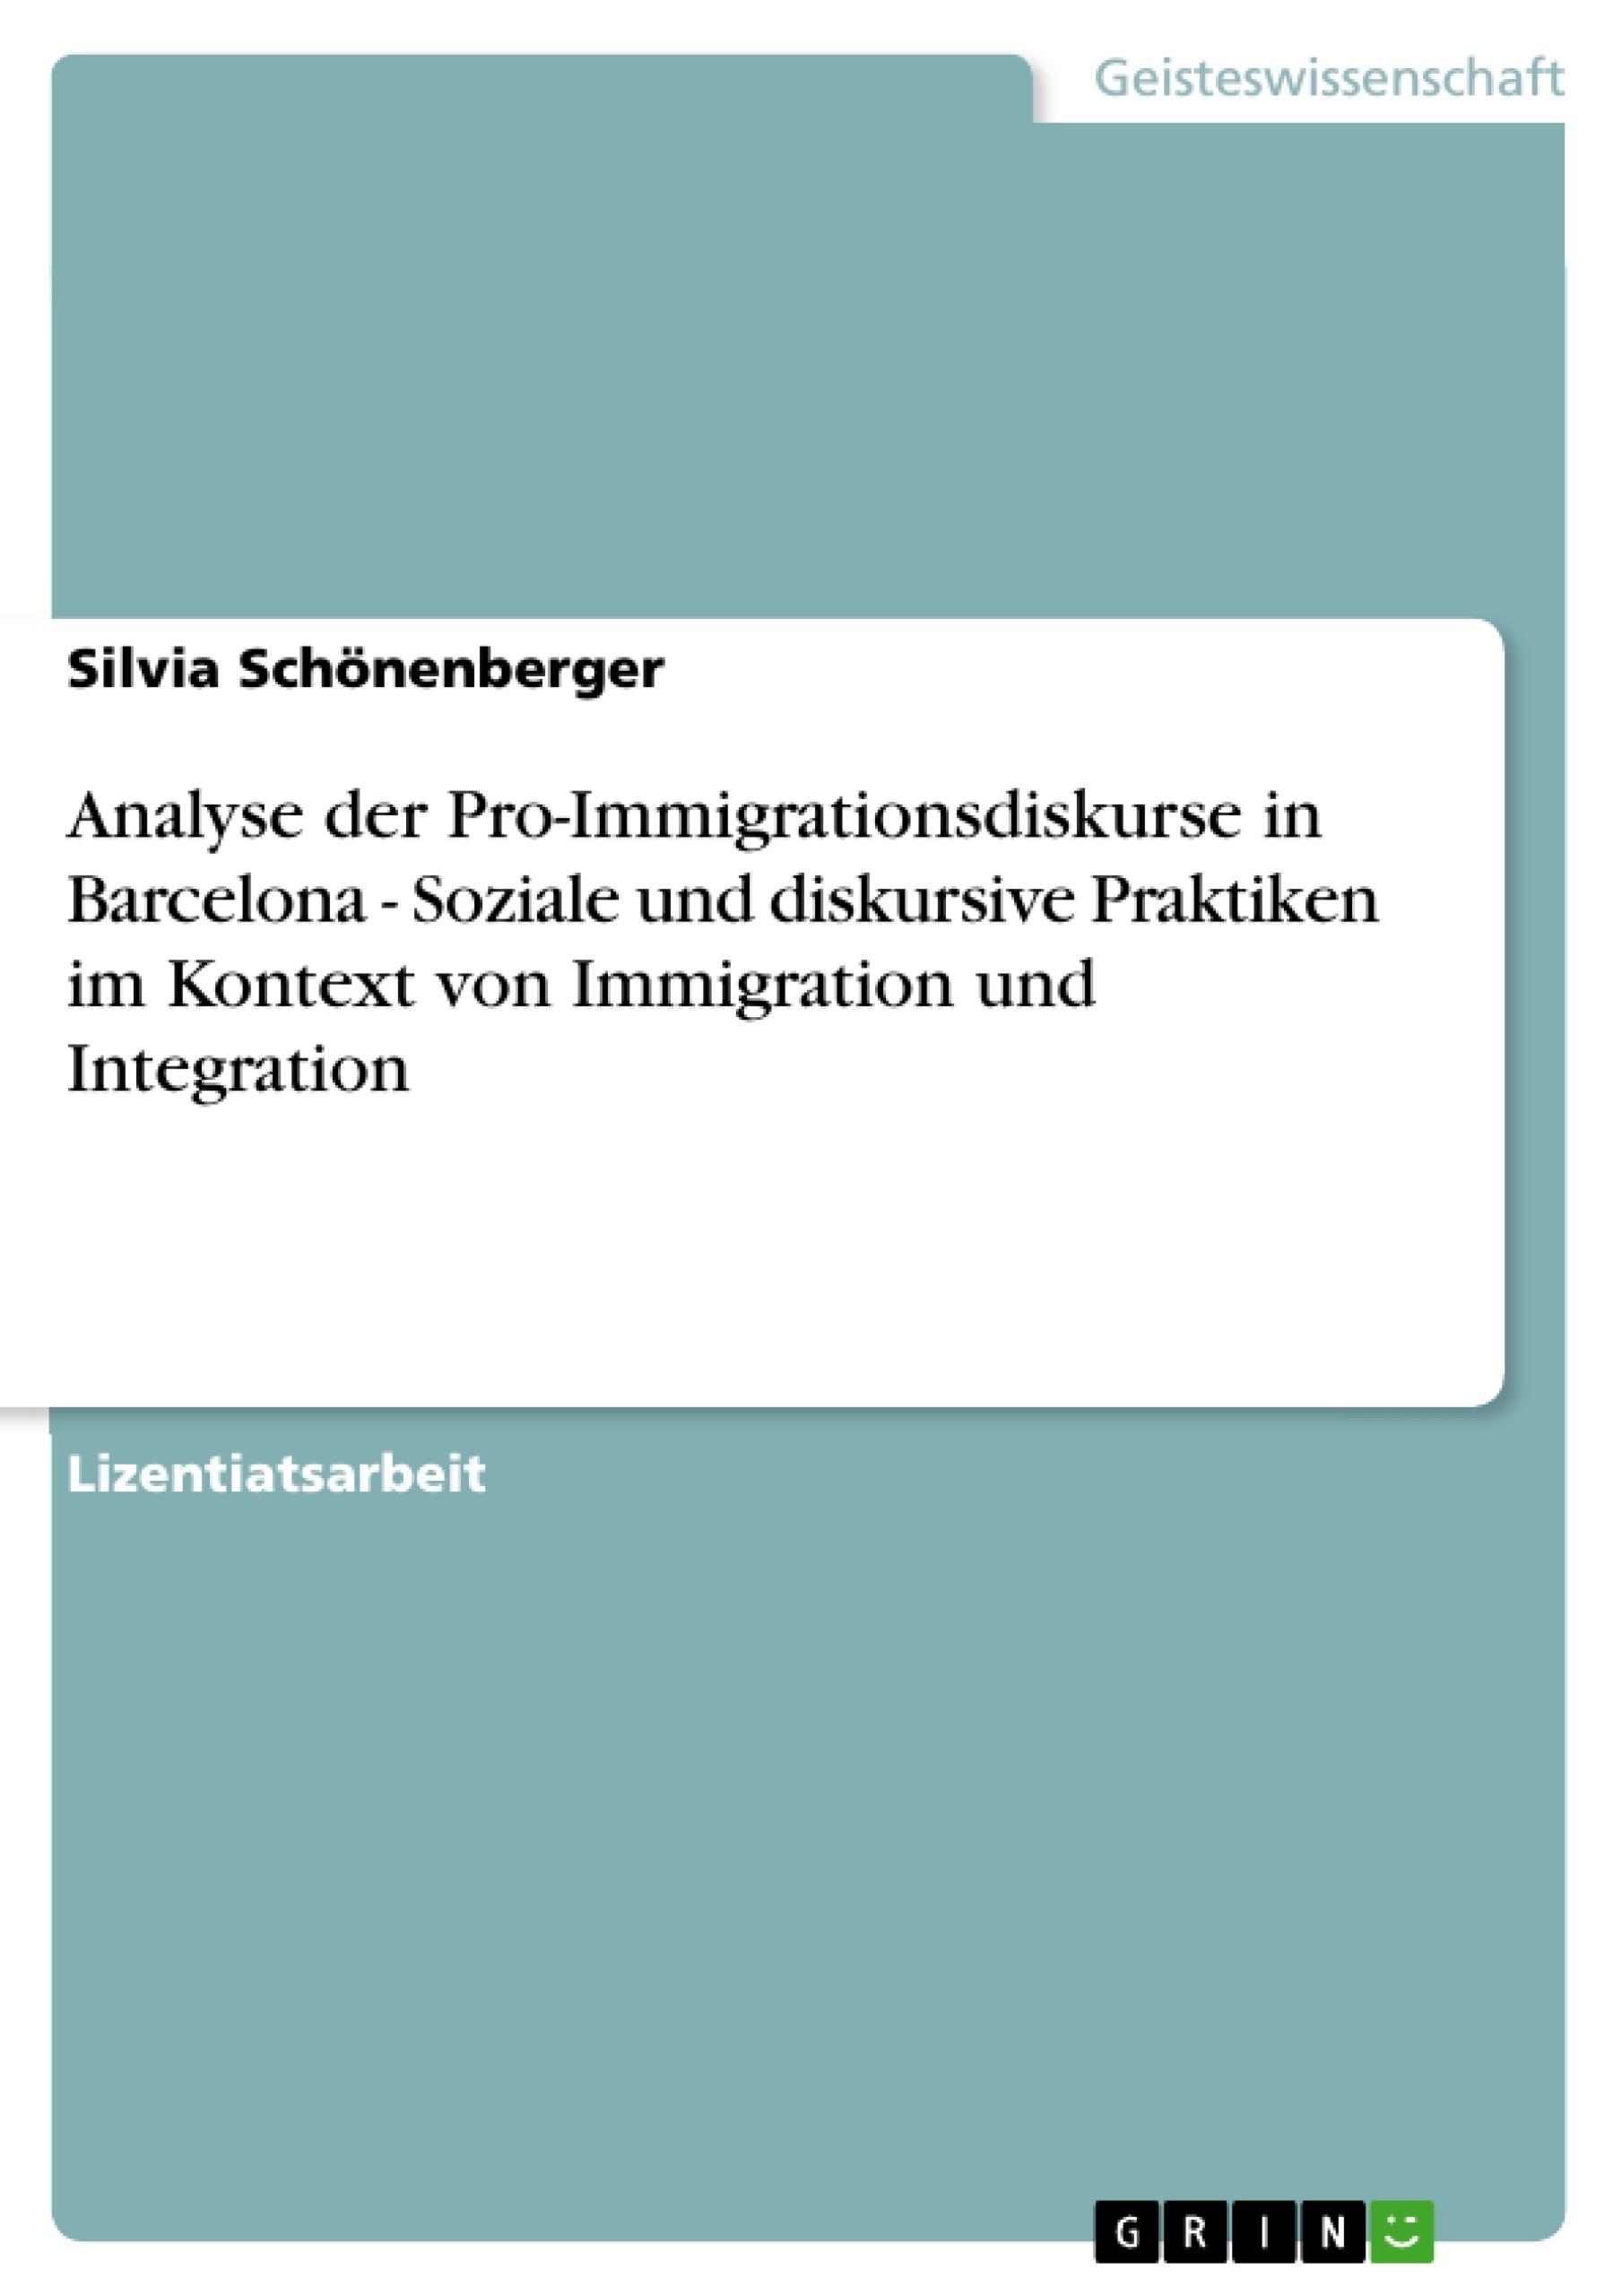 Titel: Analyse der Pro-Immigrationsdiskurse in Barcelona - Soziale und diskursive Praktiken im Kontext von Immigration und Integration